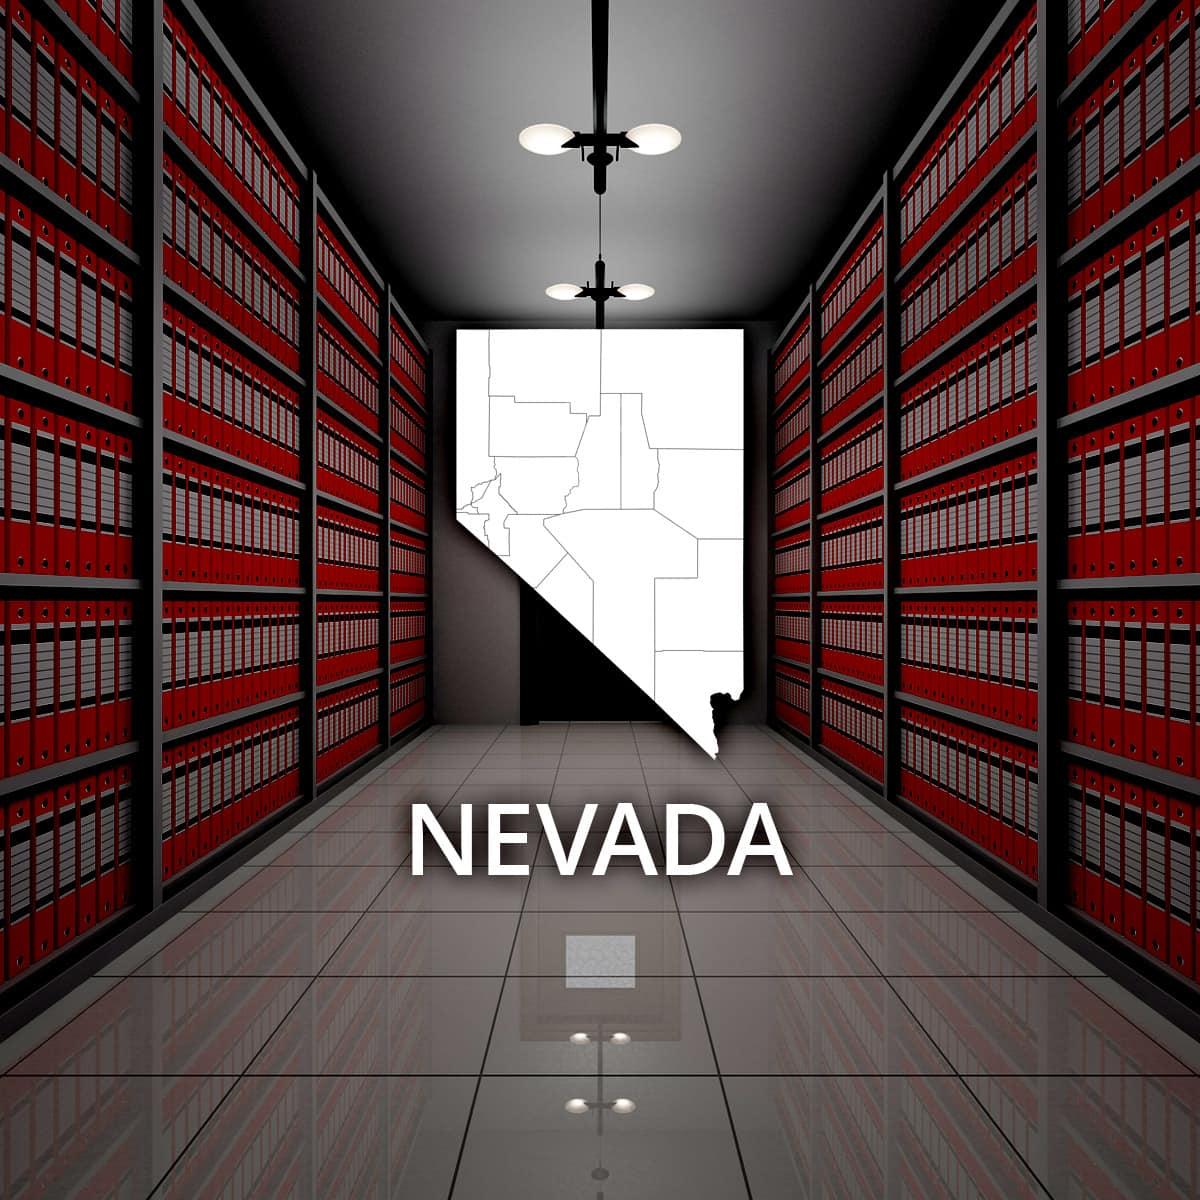 Nevada Public Records